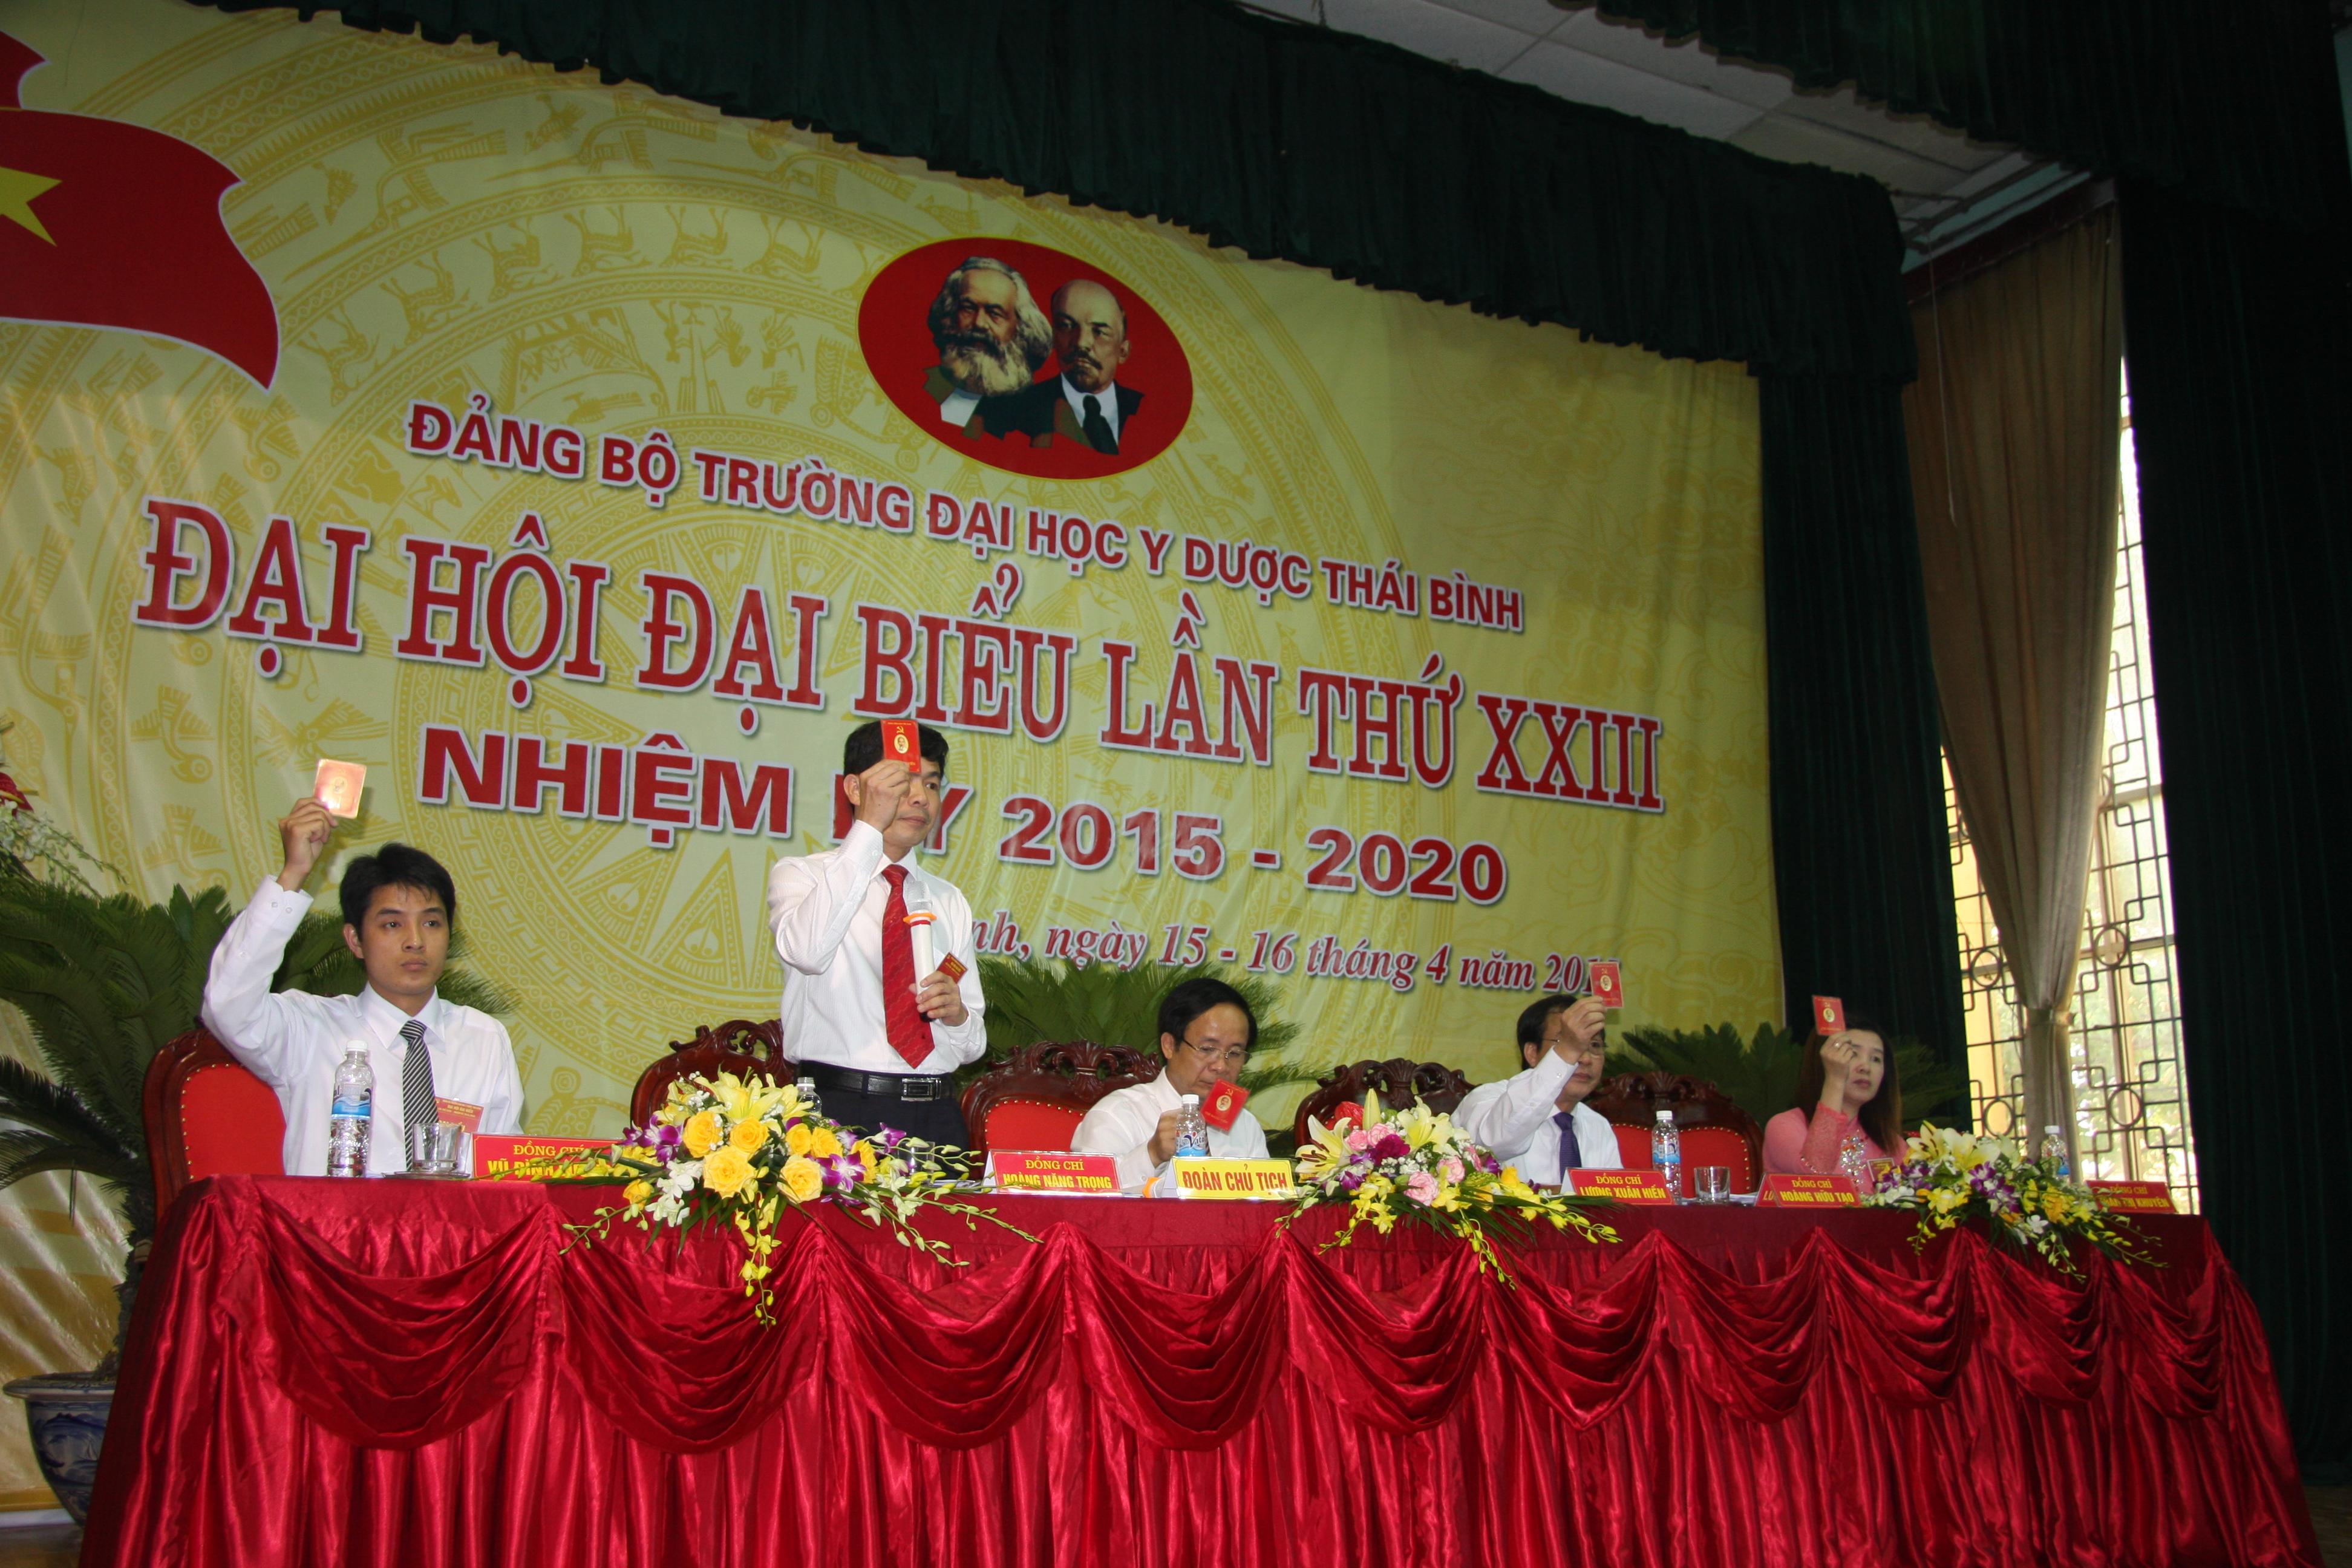 Trường Đại học Y Dược Thái Bình tổ chức thành công Đại hội Đại biểu Đảng bộ Nhà trường lần thứ XXIII, nhiệm kỳ 2015 - 2020